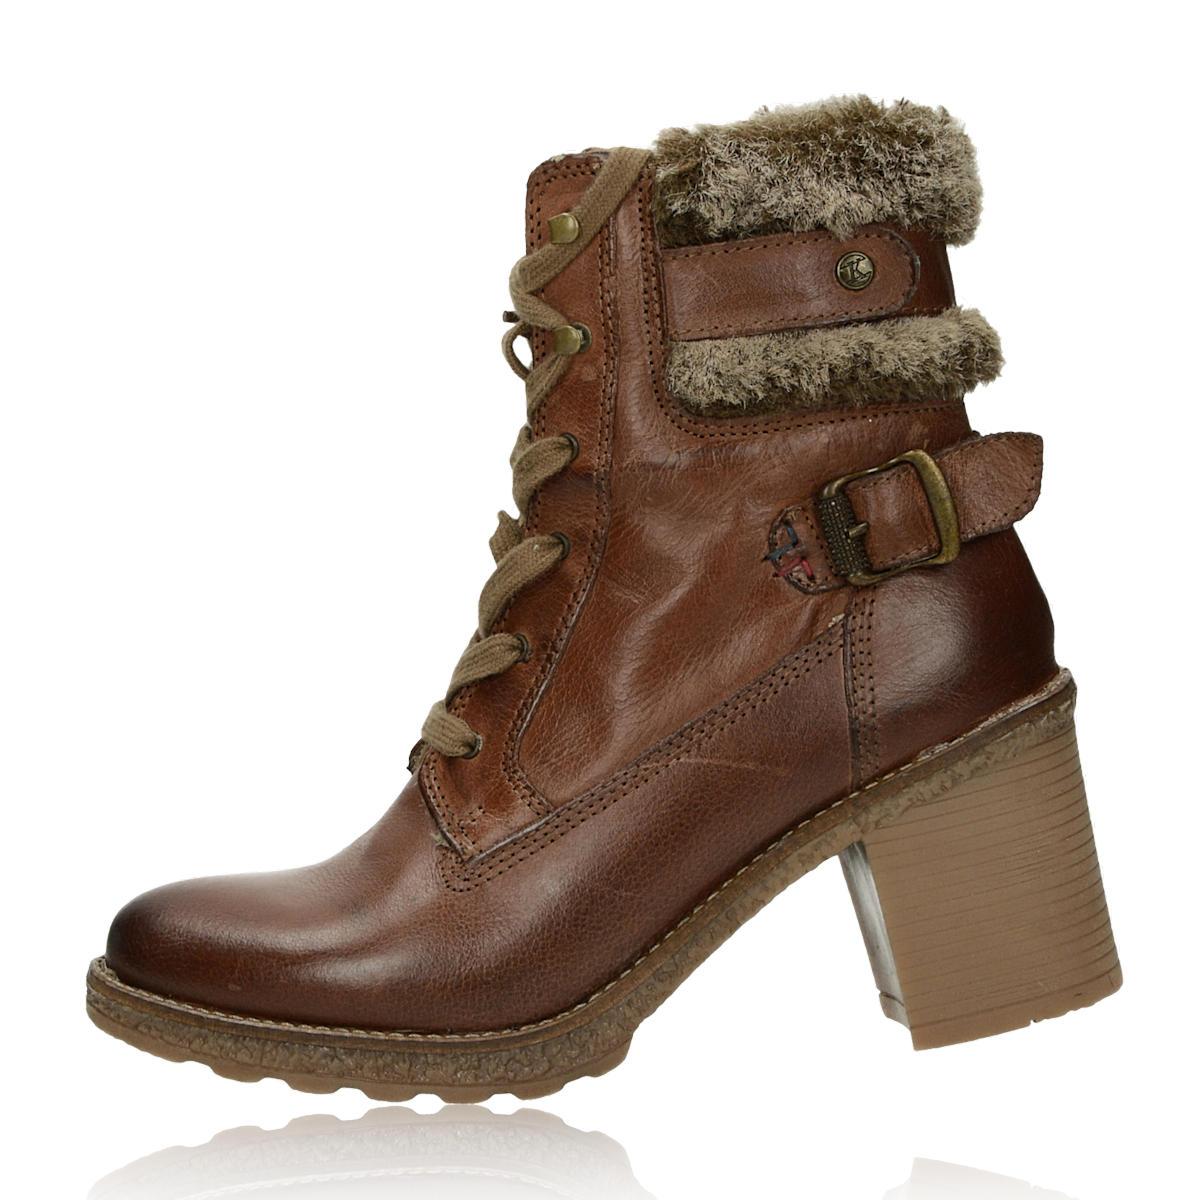 Kotníková obuv. Klondike dámské kožené kotníkové boty - hnědé Klondike  dámské kožené kotníkové boty - hnědé ... 797d3871ae